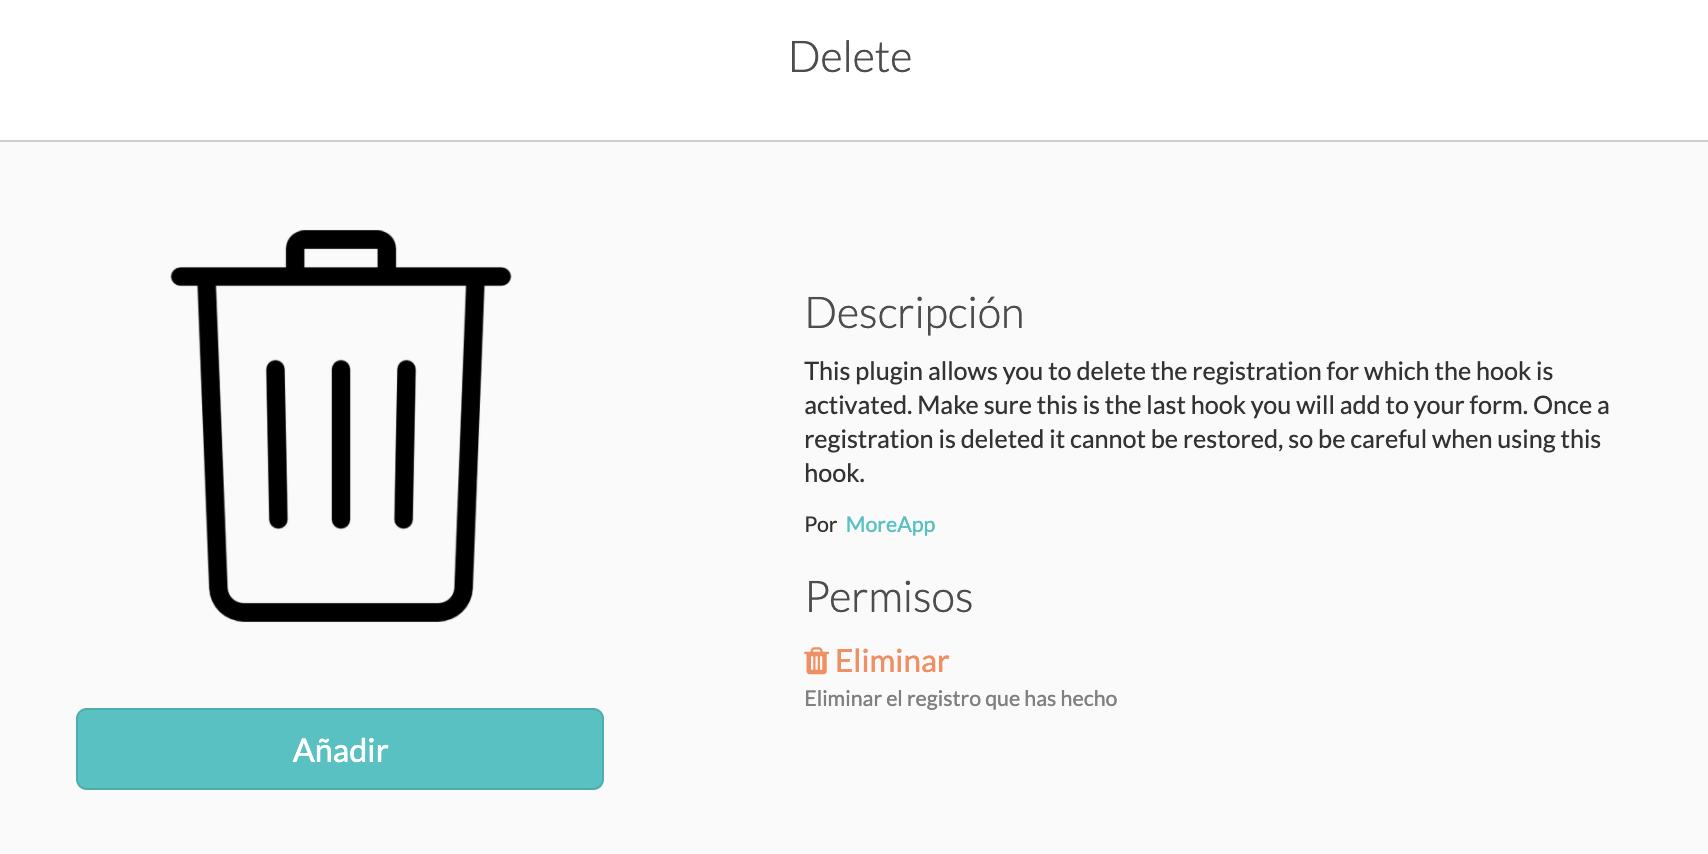 Integración Delete MoreApp